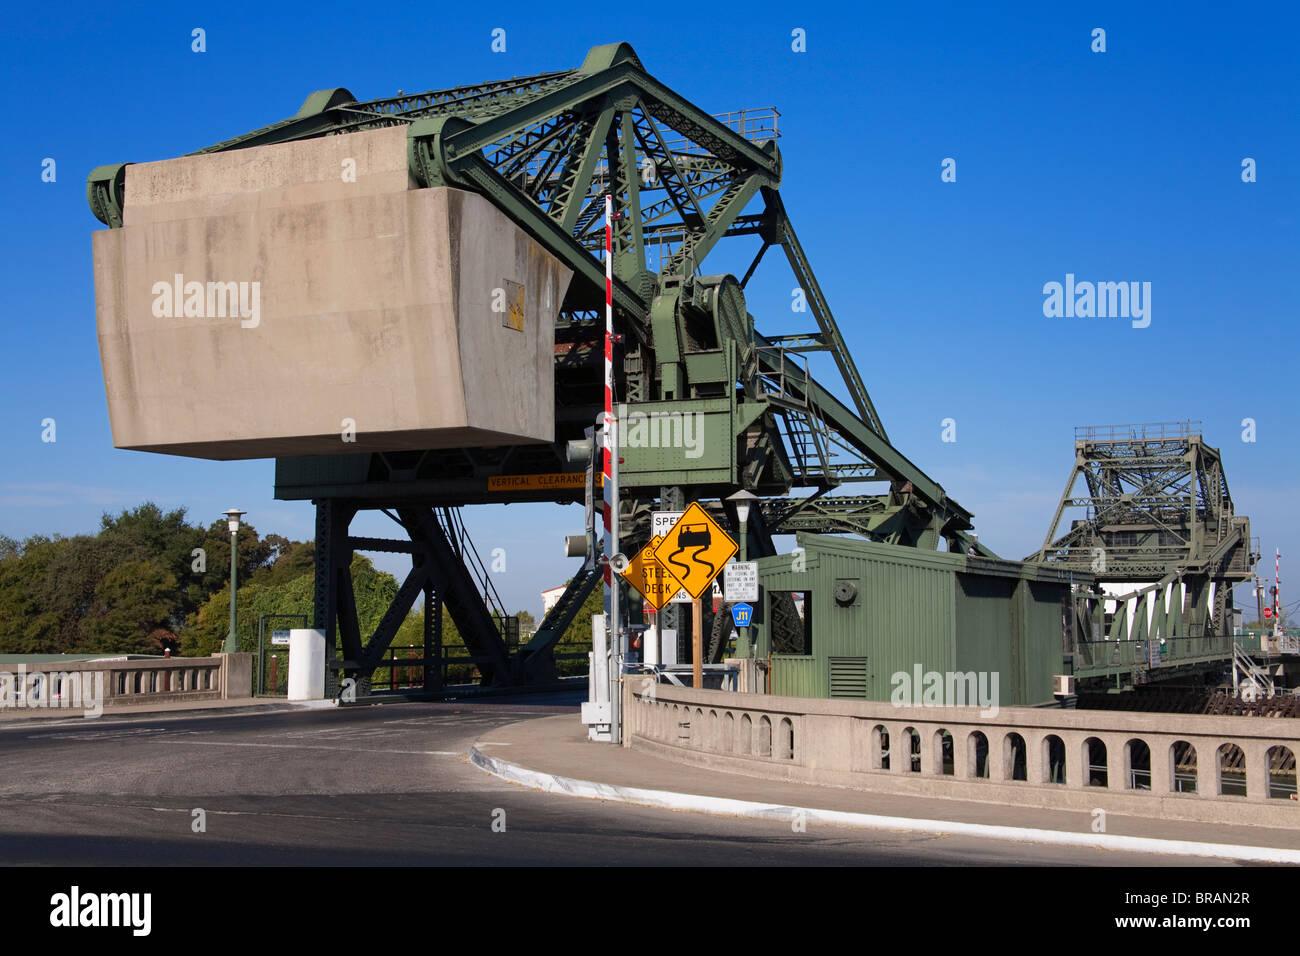 Lift bridge over the Sacramento River in Walnut Grove, Sacramento Delta Region, California, United States of America - Stock Image